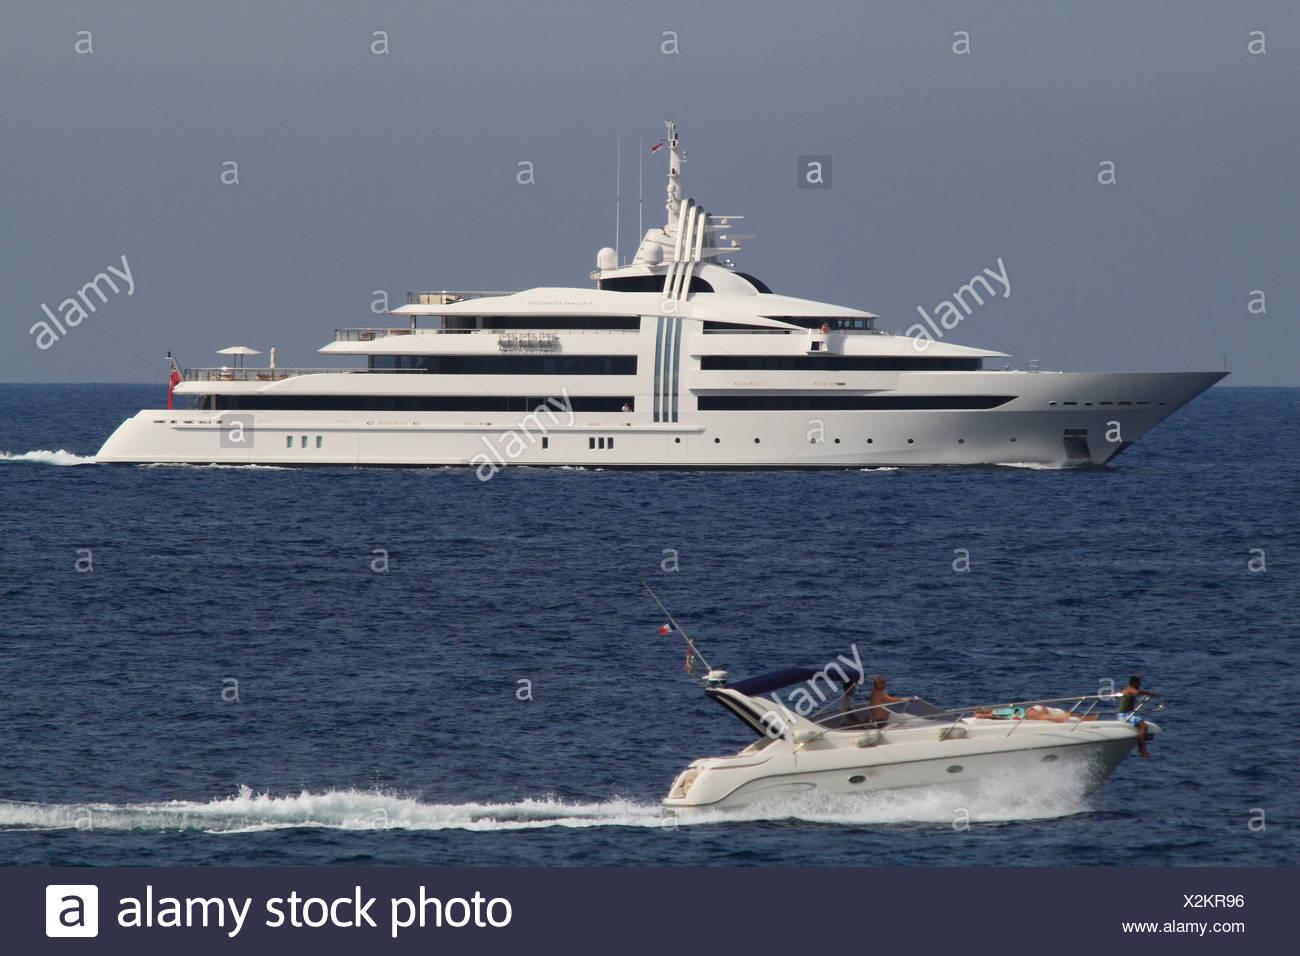 Curiosidad vibrante, un crucero construido por Oceanco, Longitud: 85,47 metros, construida en 2009, la Riviera Francesa, Francia, Mar Mediterráneo Imagen De Stock